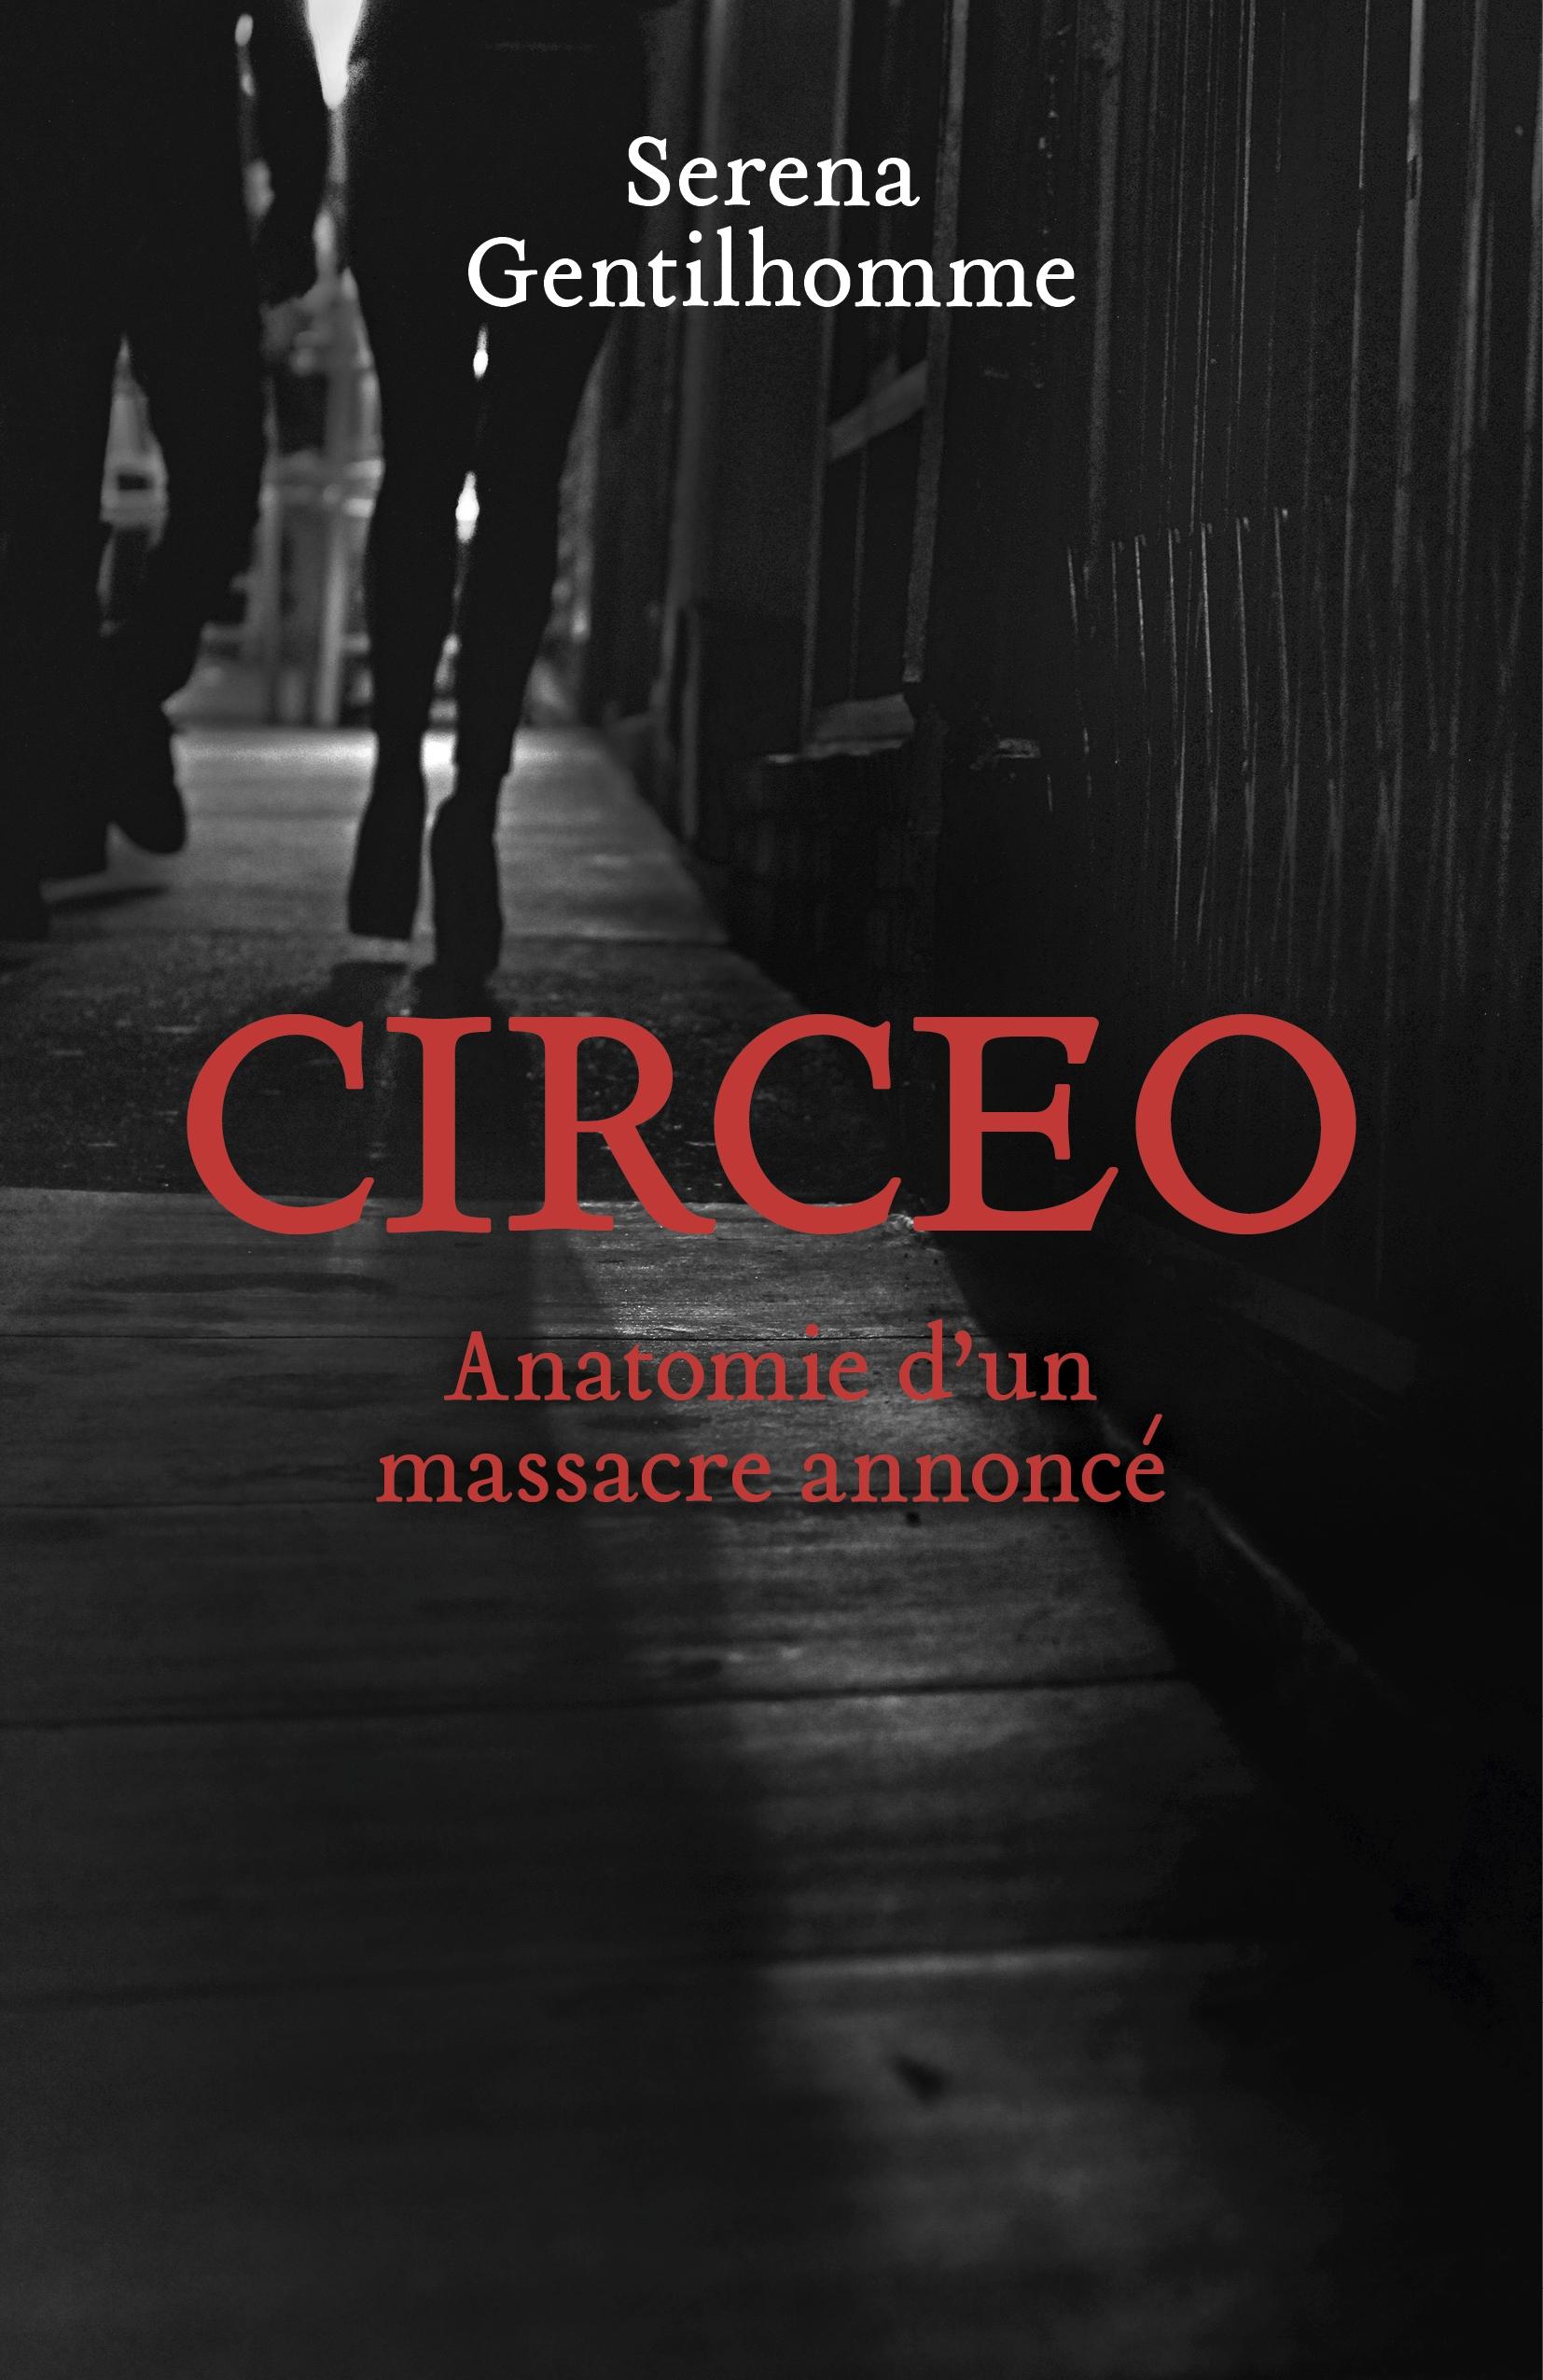 Circeo, Anatomie d'un massacre annonc?